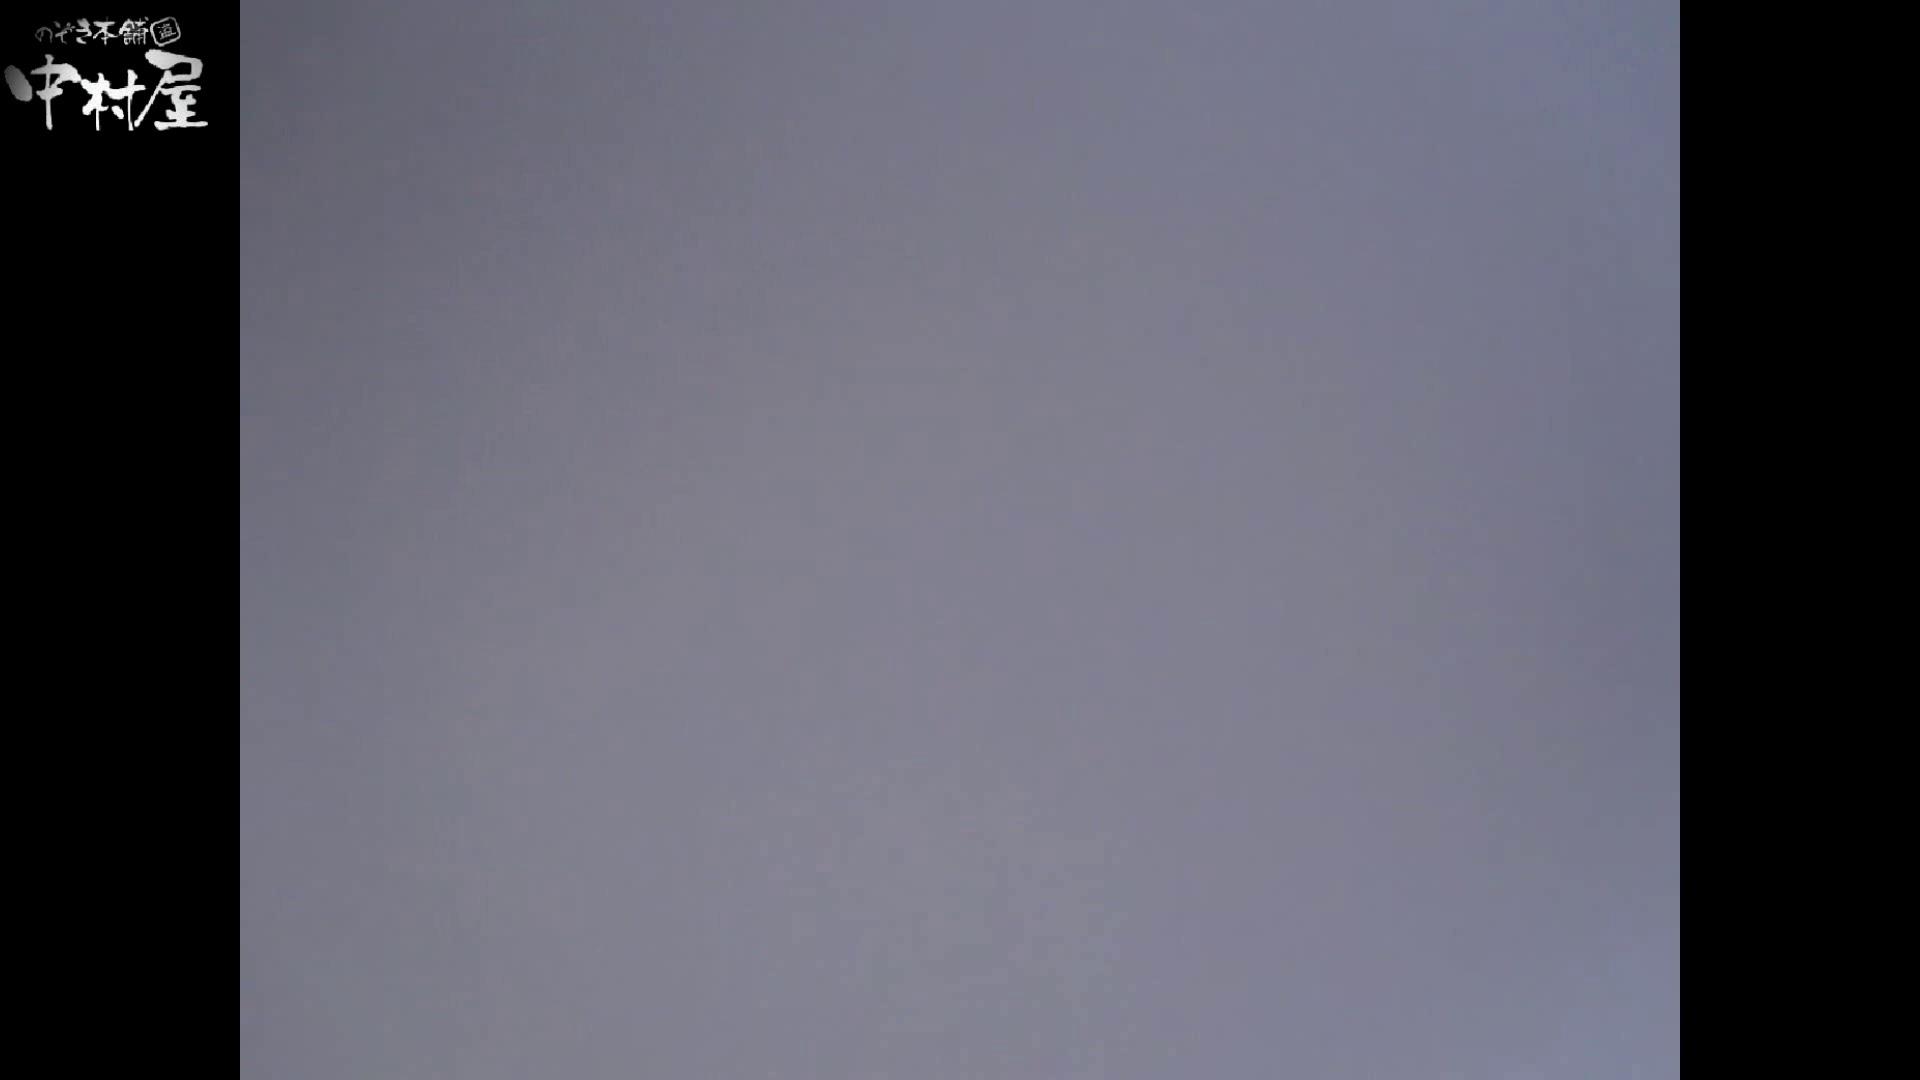 魂のかわや盗撮62連発! ショートブーツのお姉さん! 47発目! お姉さんヌード 盗撮おめこ無修正動画無料 99画像 23